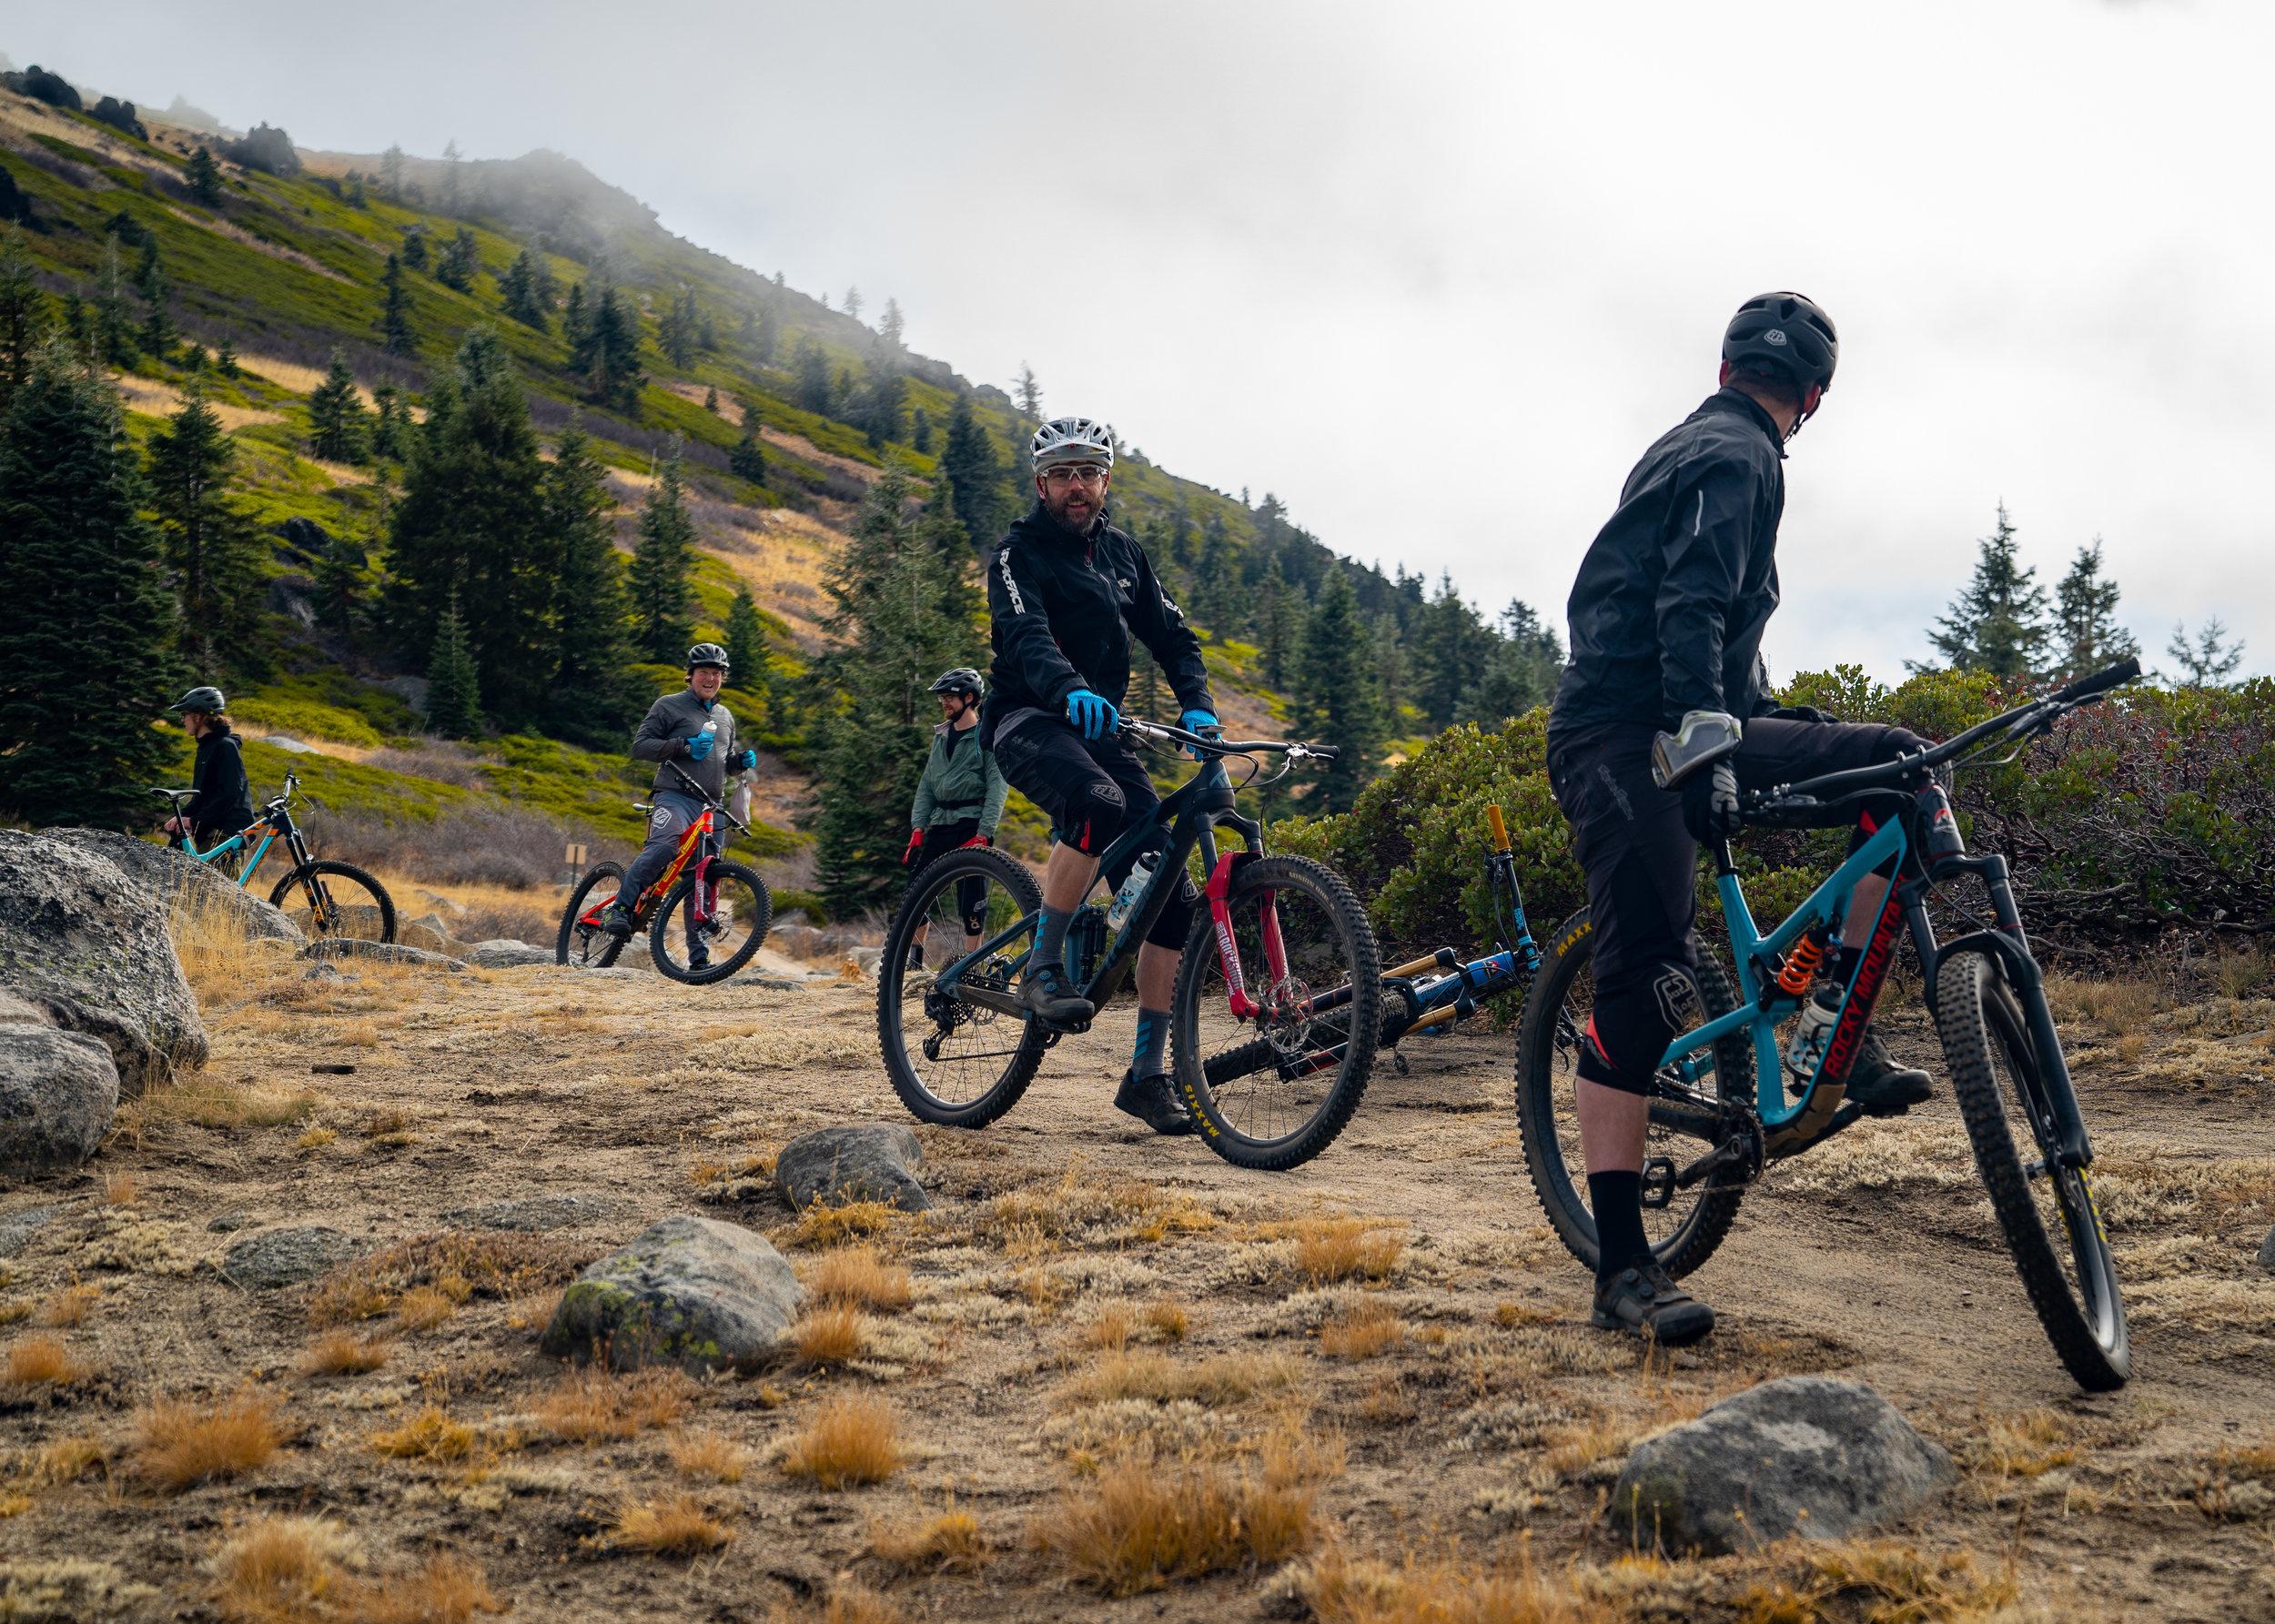 Project Bike rides Ashland Oregon